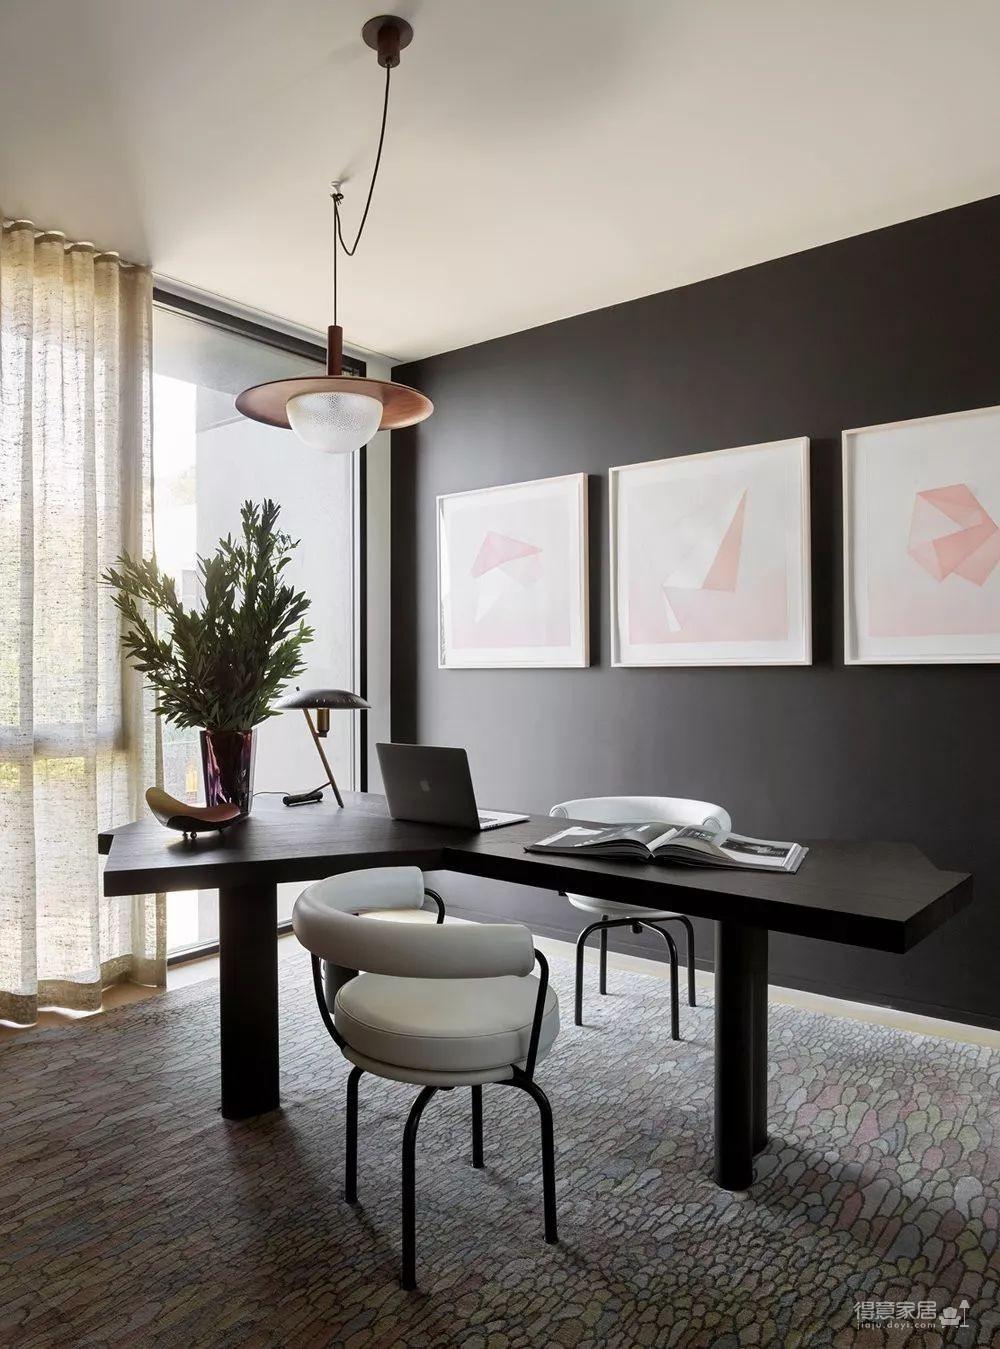 老式家具这么搭,空间的艺术感丰富了!图_22